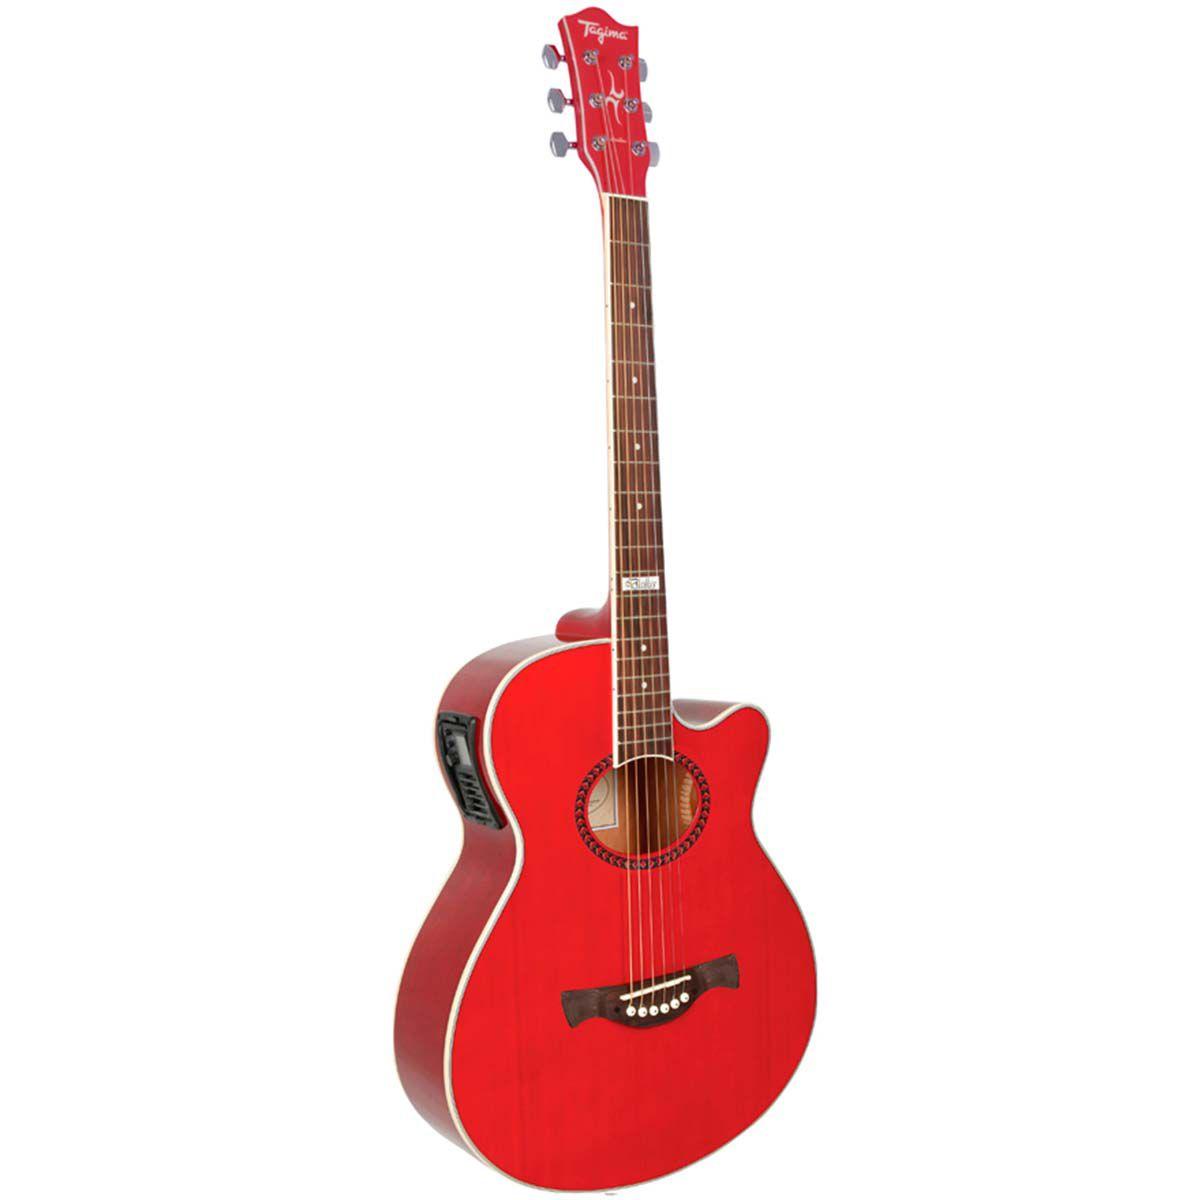 Violão Eletro-Acústico Tagima Dallas Tuner com TEQ-8 Red